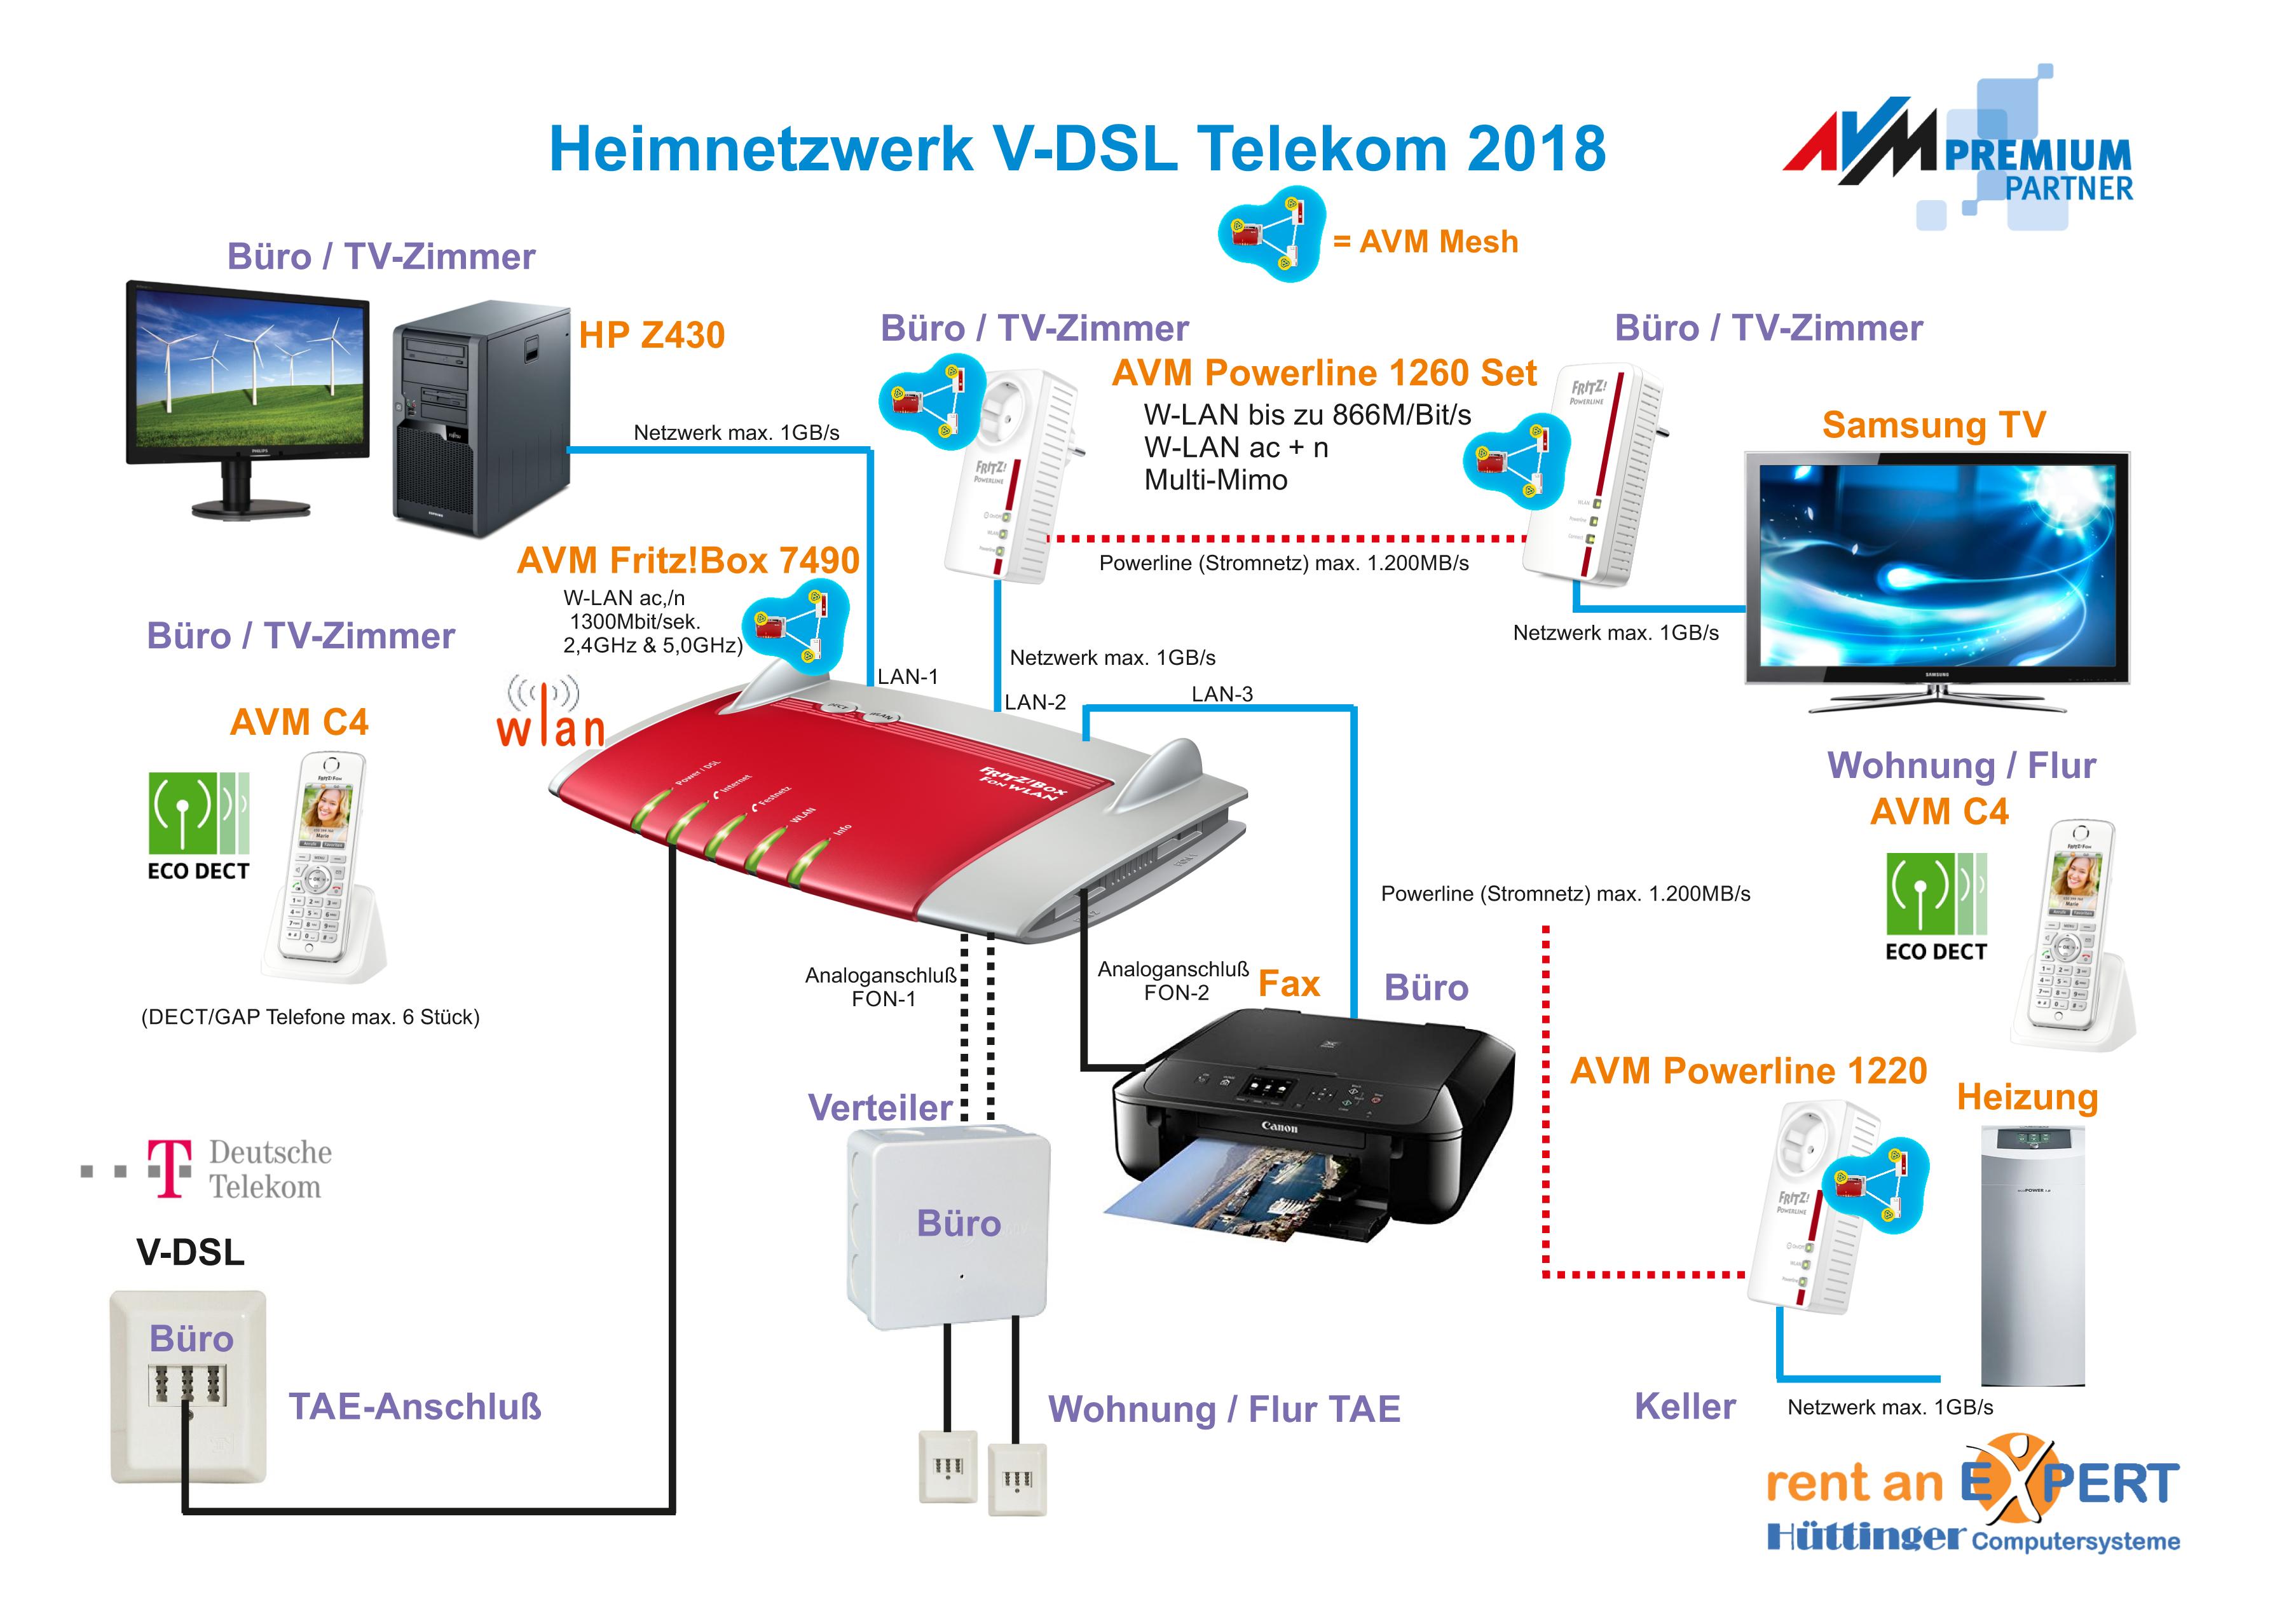 V-DSL - Deutsche Telekom